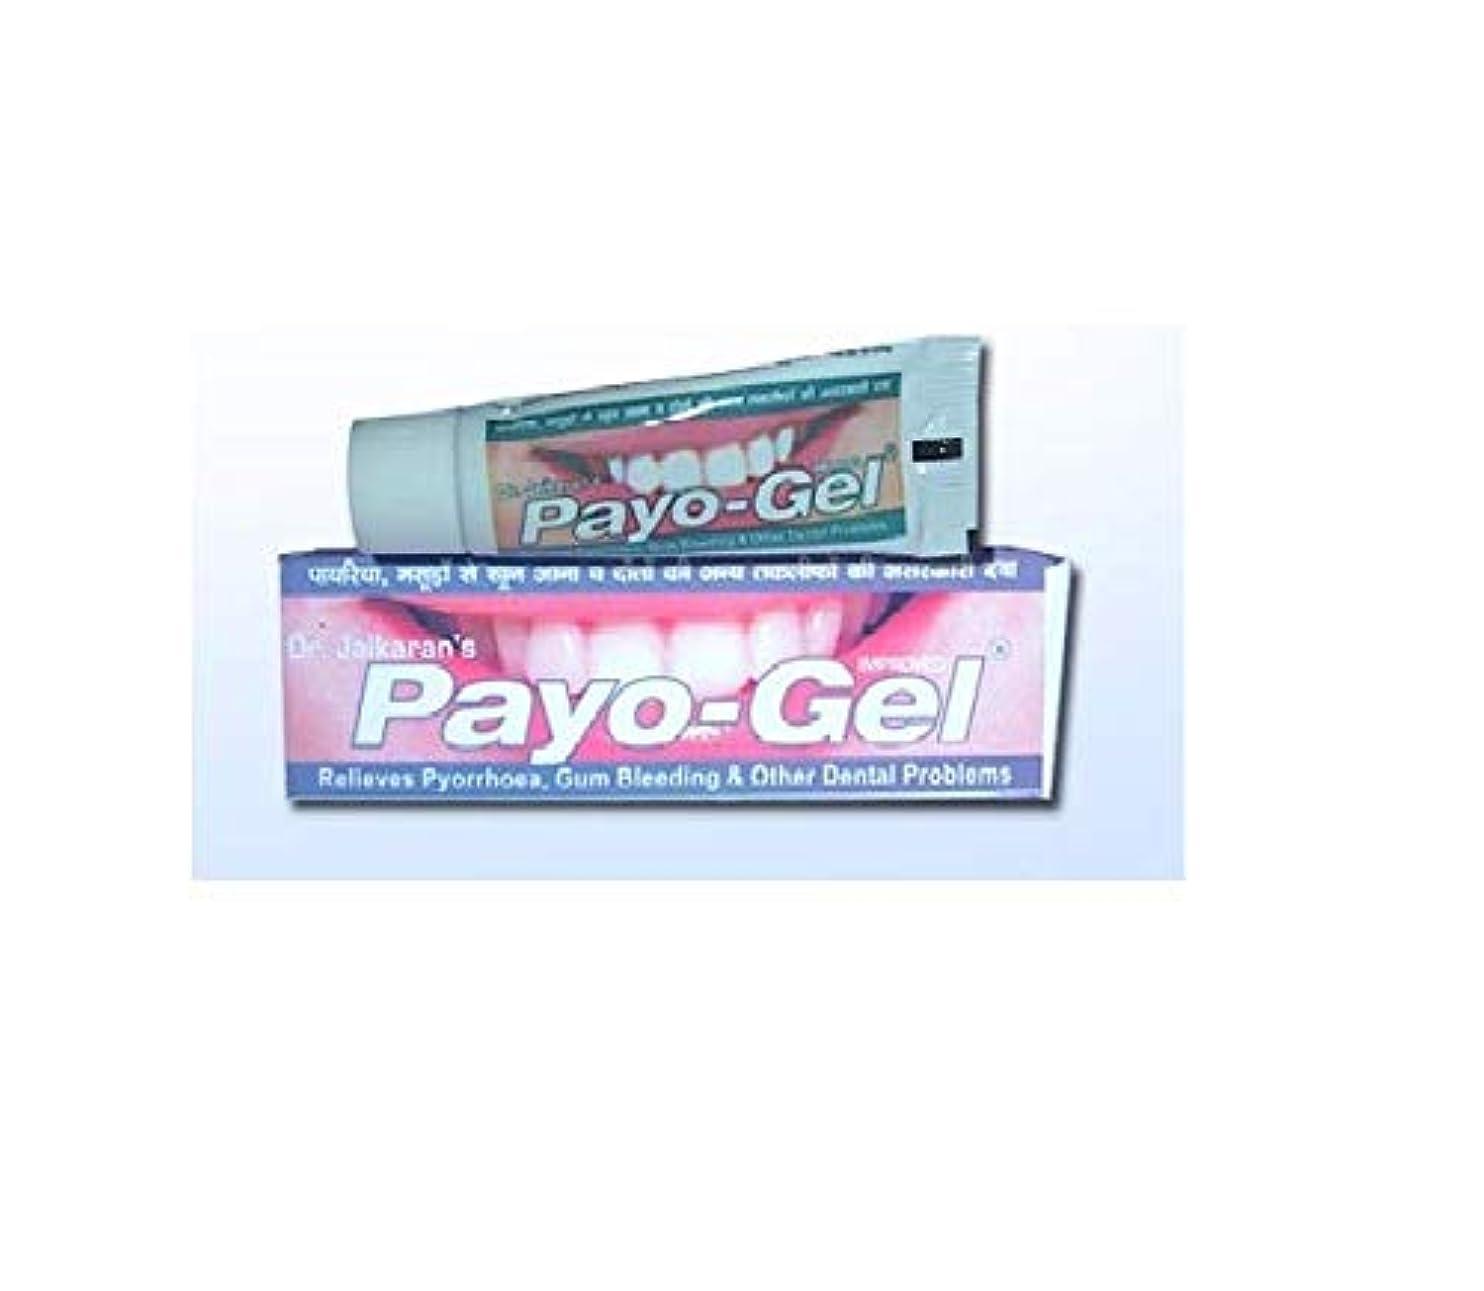 リスナー裂け目アラビア語Herbal Payogel 20 grams Made with natural herbs for relief from bleeding gums Pyorrhea, ハーブ 歯茎の出血を防ぐための天然ハーブで作られています